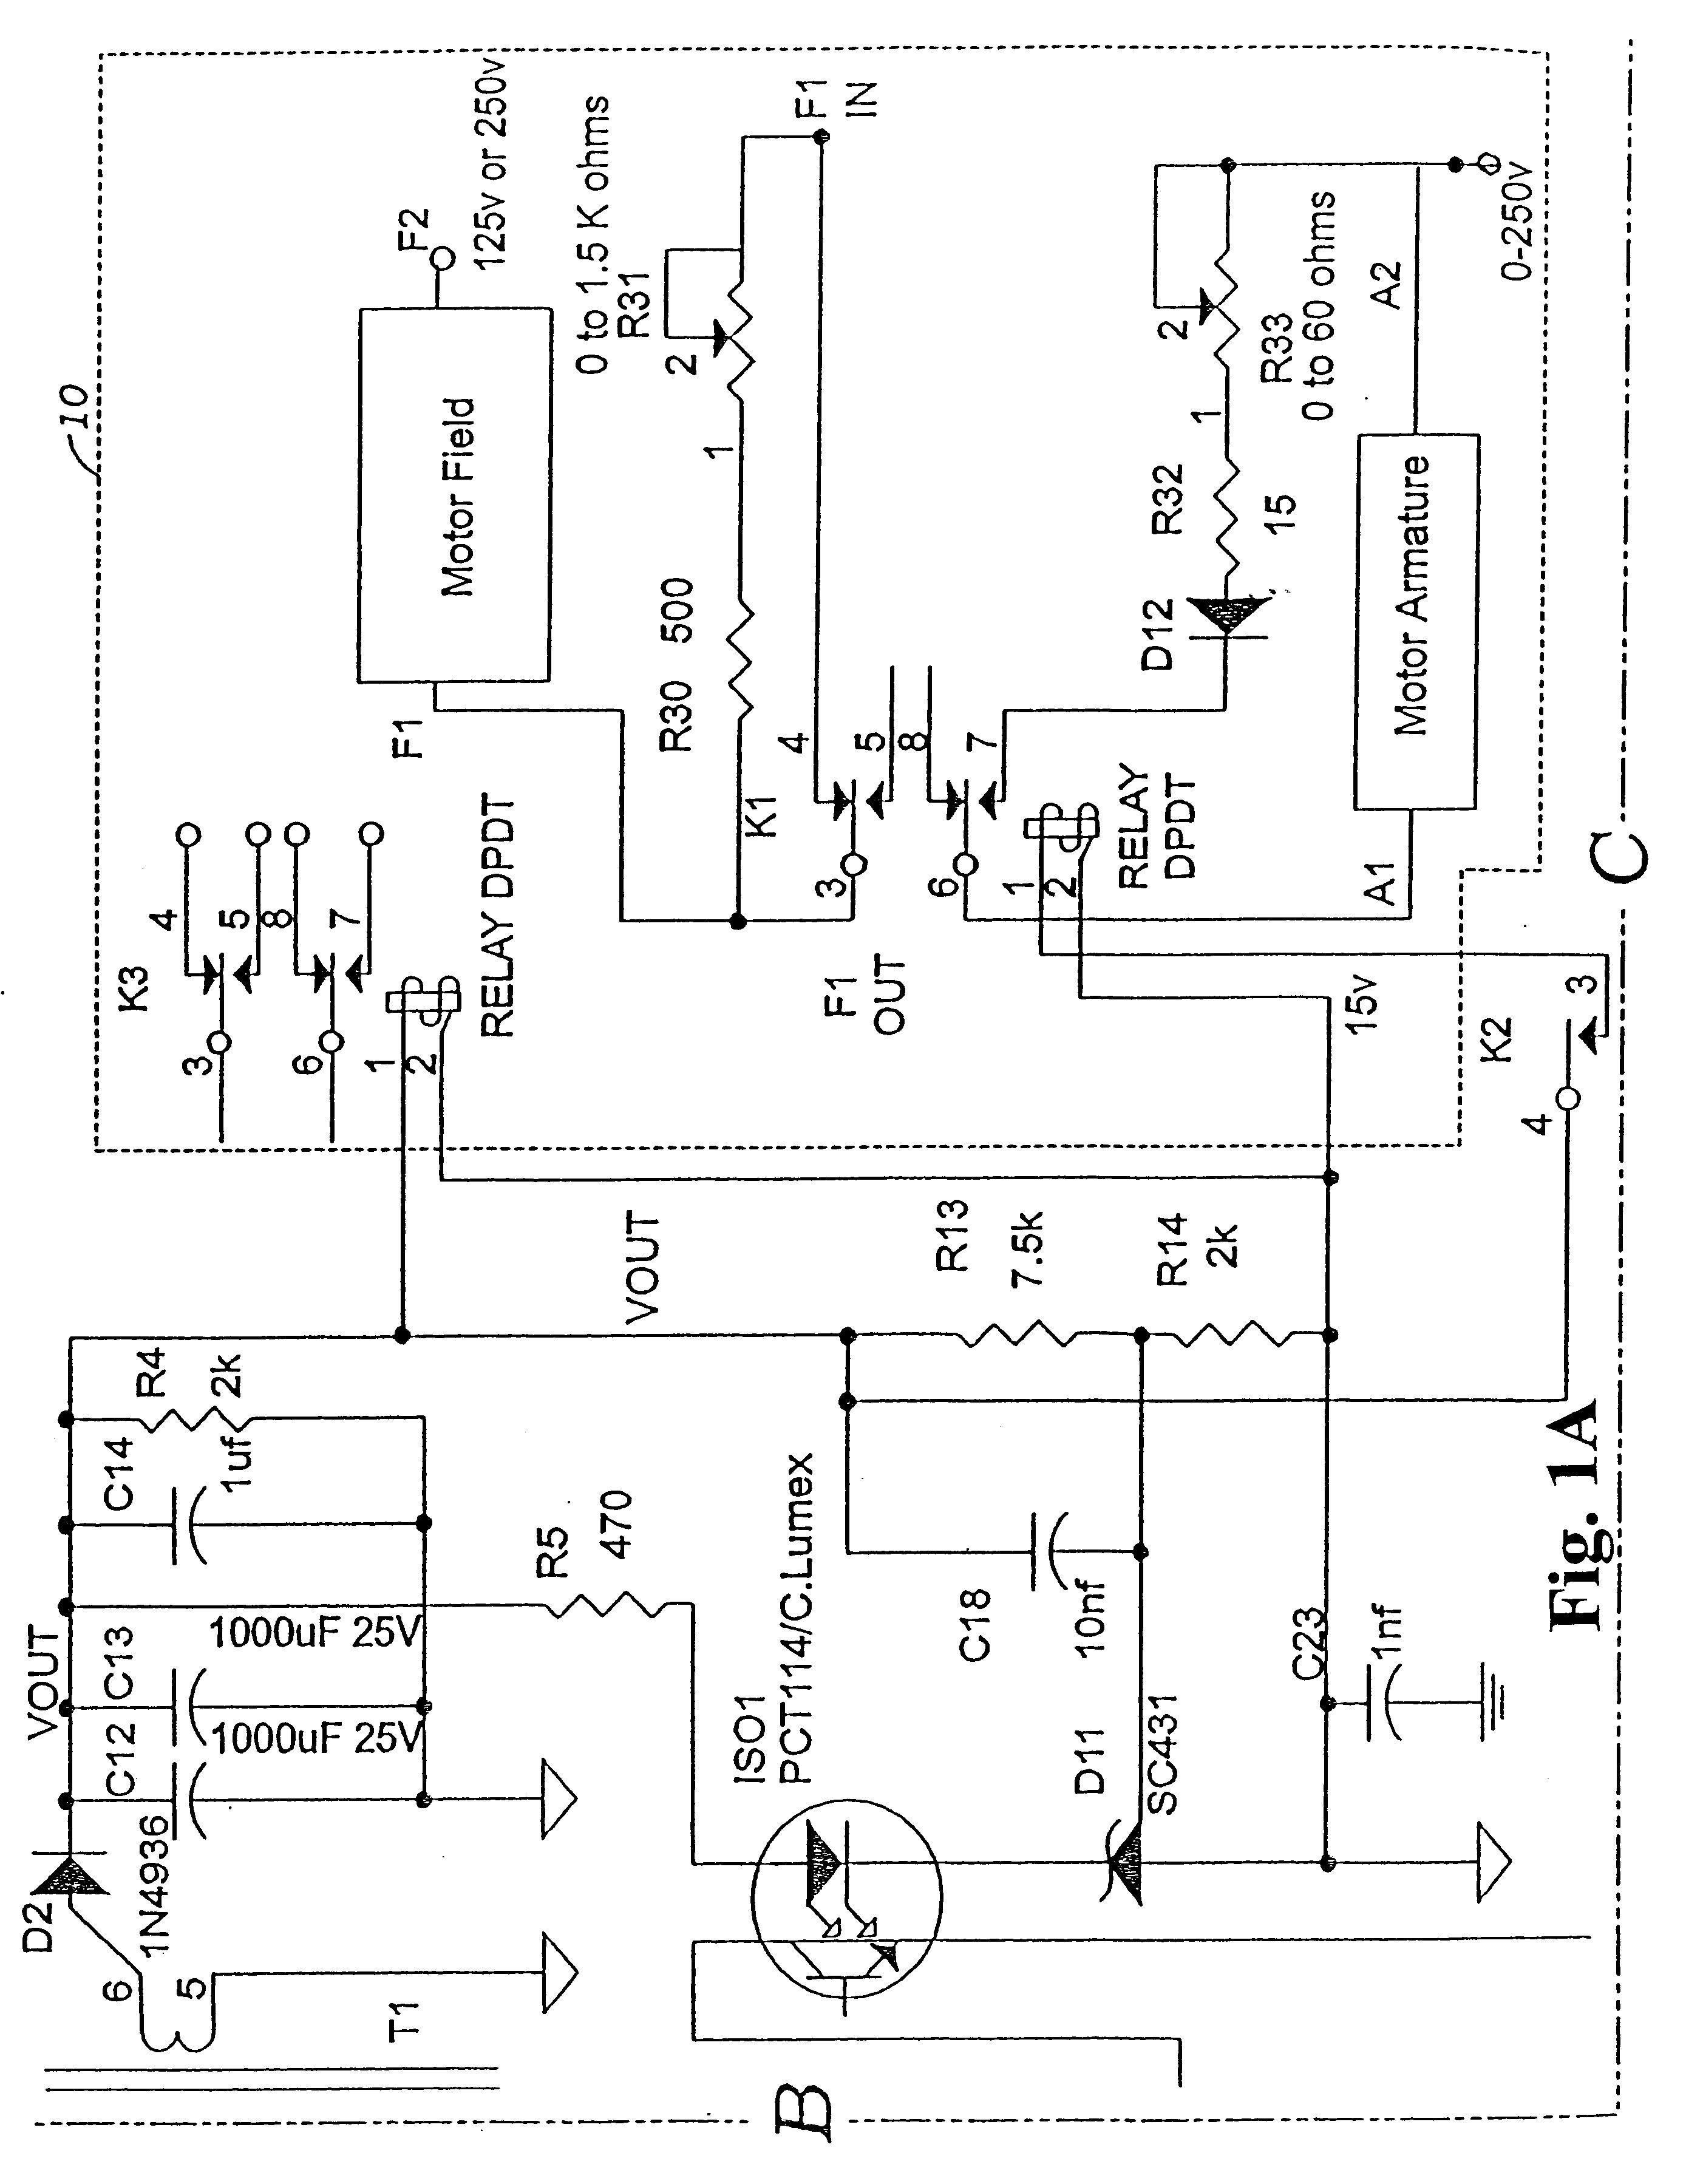 Otis C-h Wiring Diagram Otis Wiring Diagram on